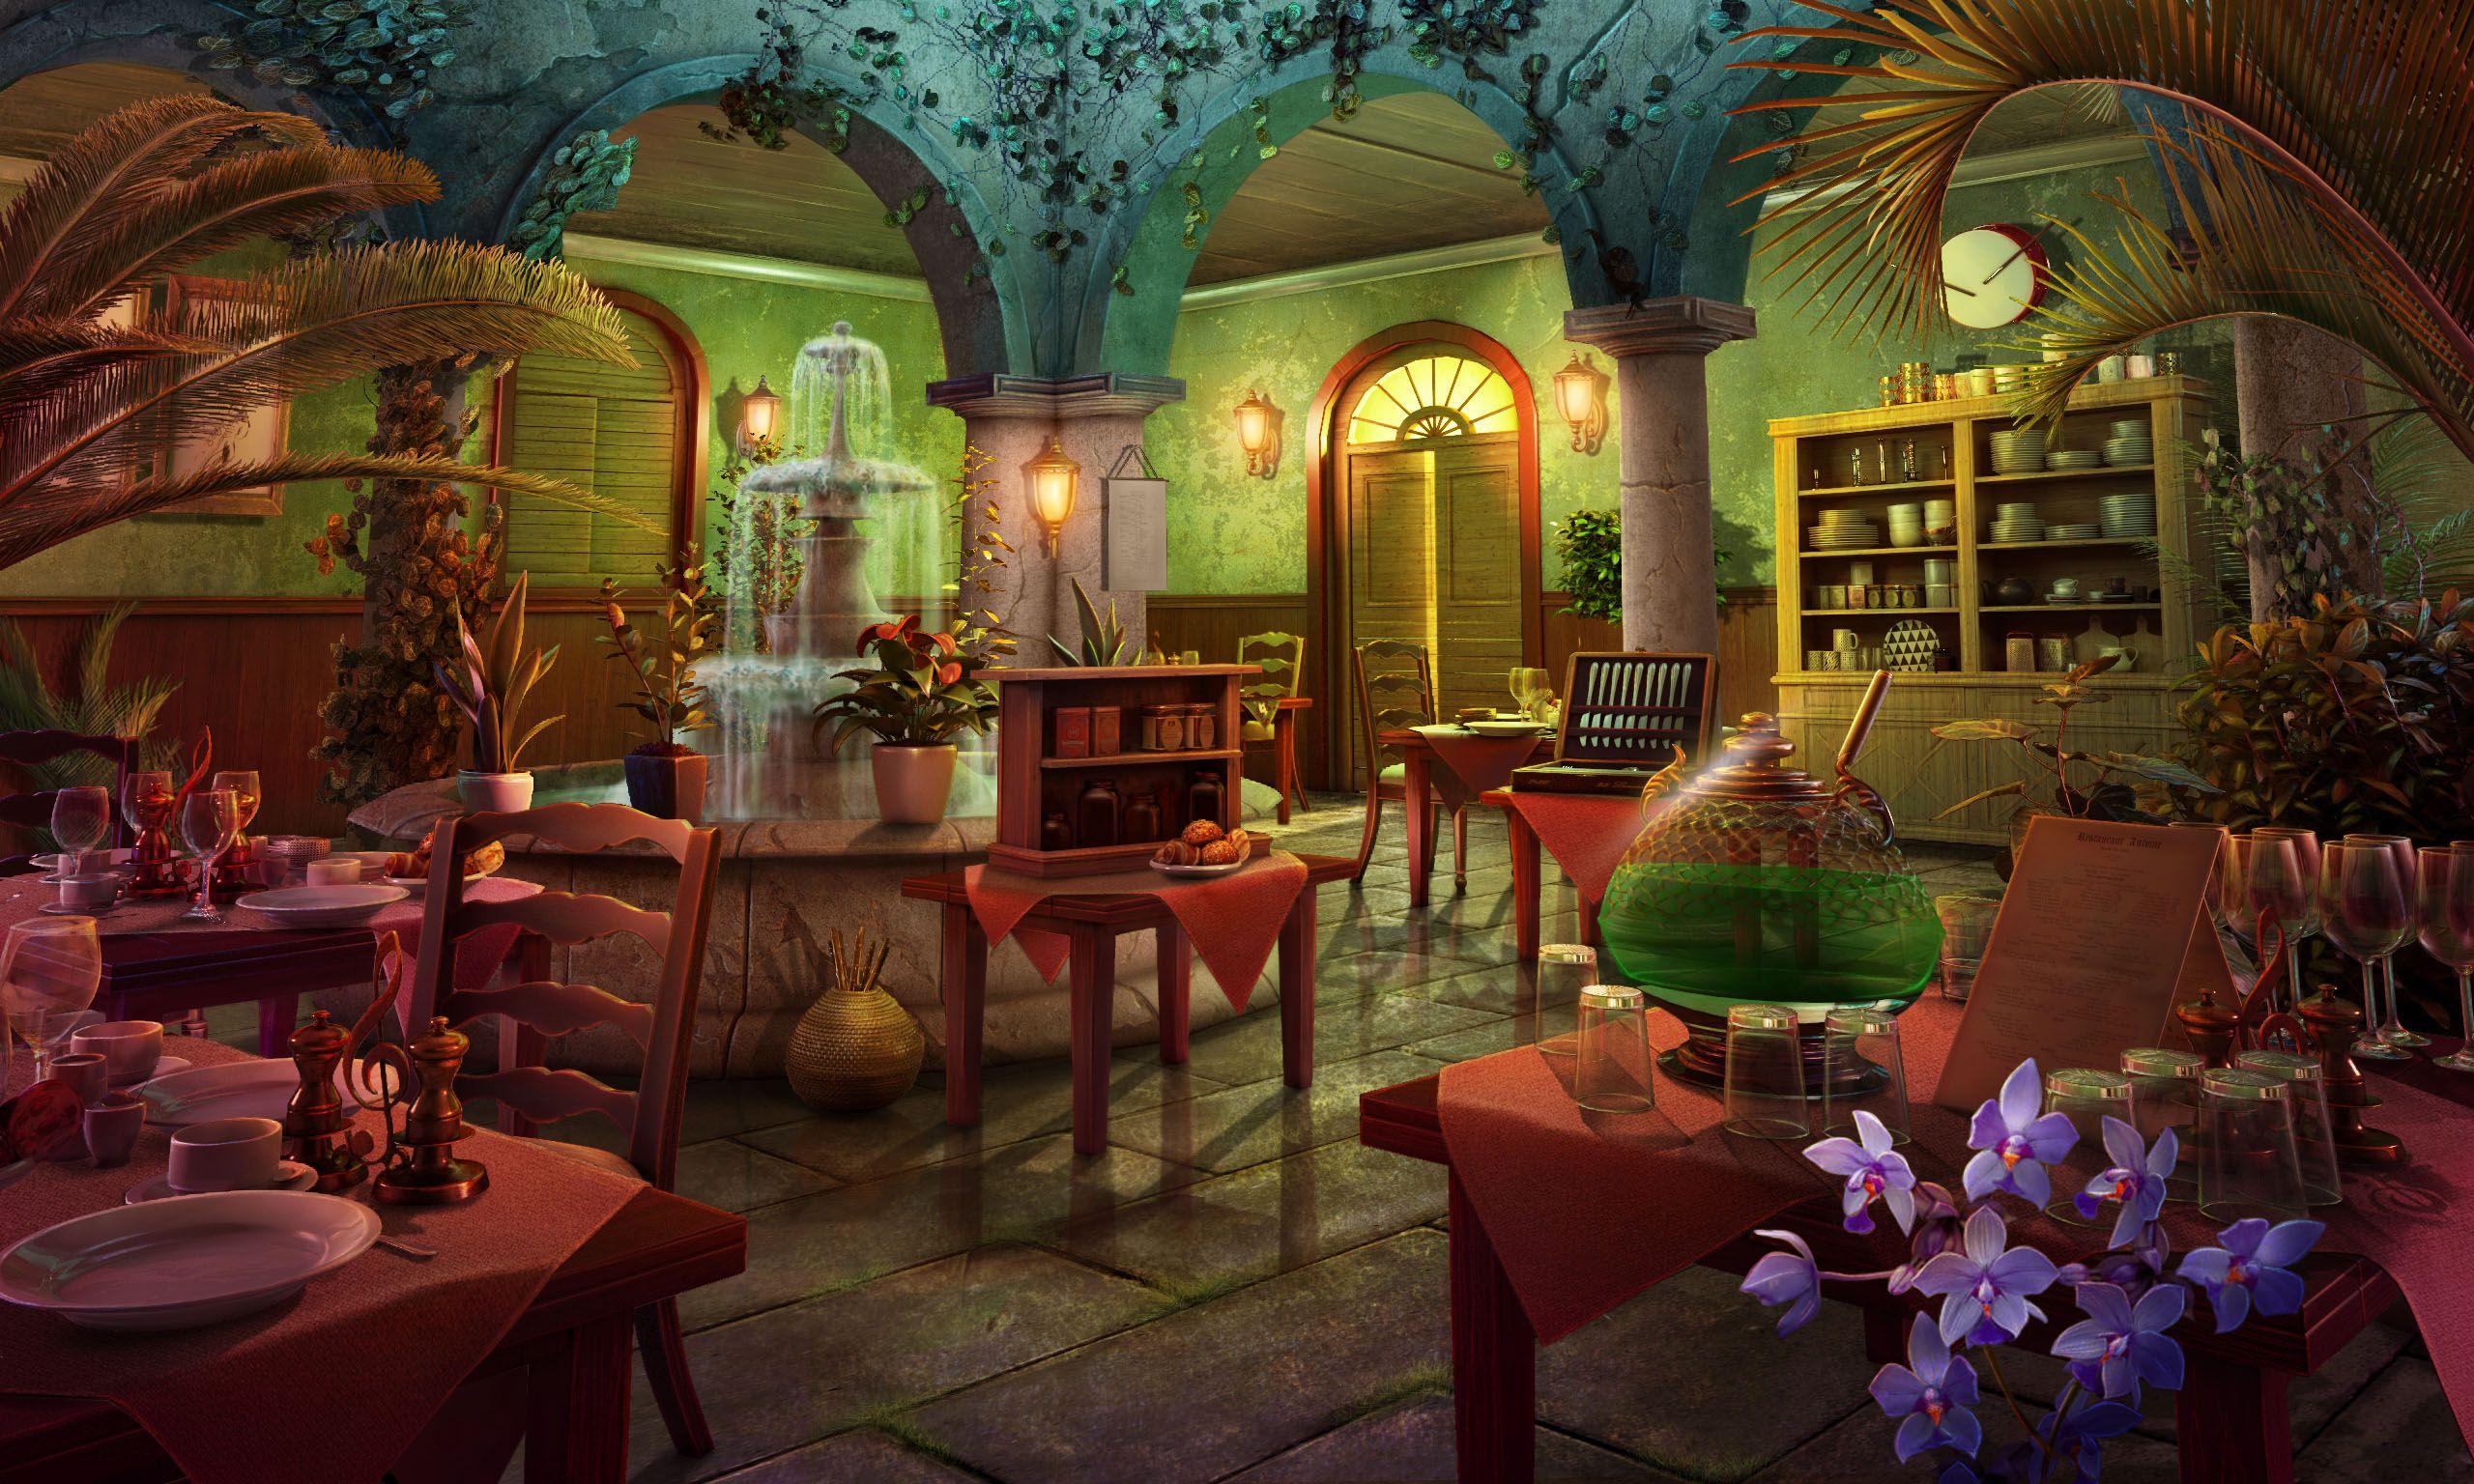 art gameart interior gamedev gamedevelopmentart